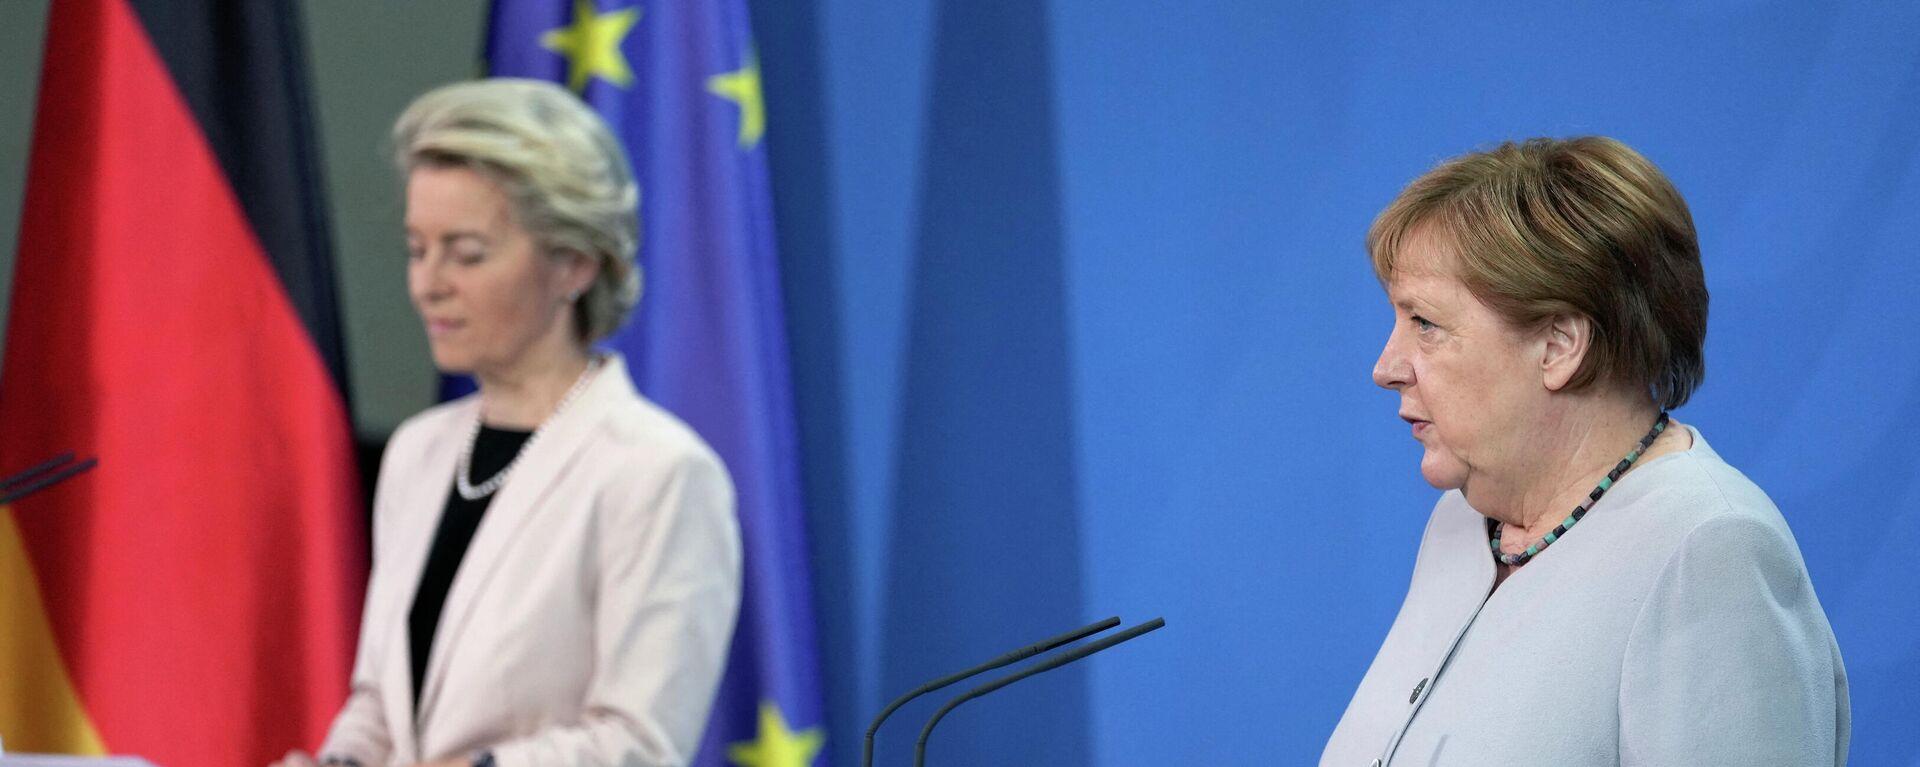 Bundeskanlerin Angela Merkel empfängt die EU-Kommissionschefin Ursula von der Leyen (beide CDU) am Dienstag in Berlin.  - SNA, 1920, 22.06.2021